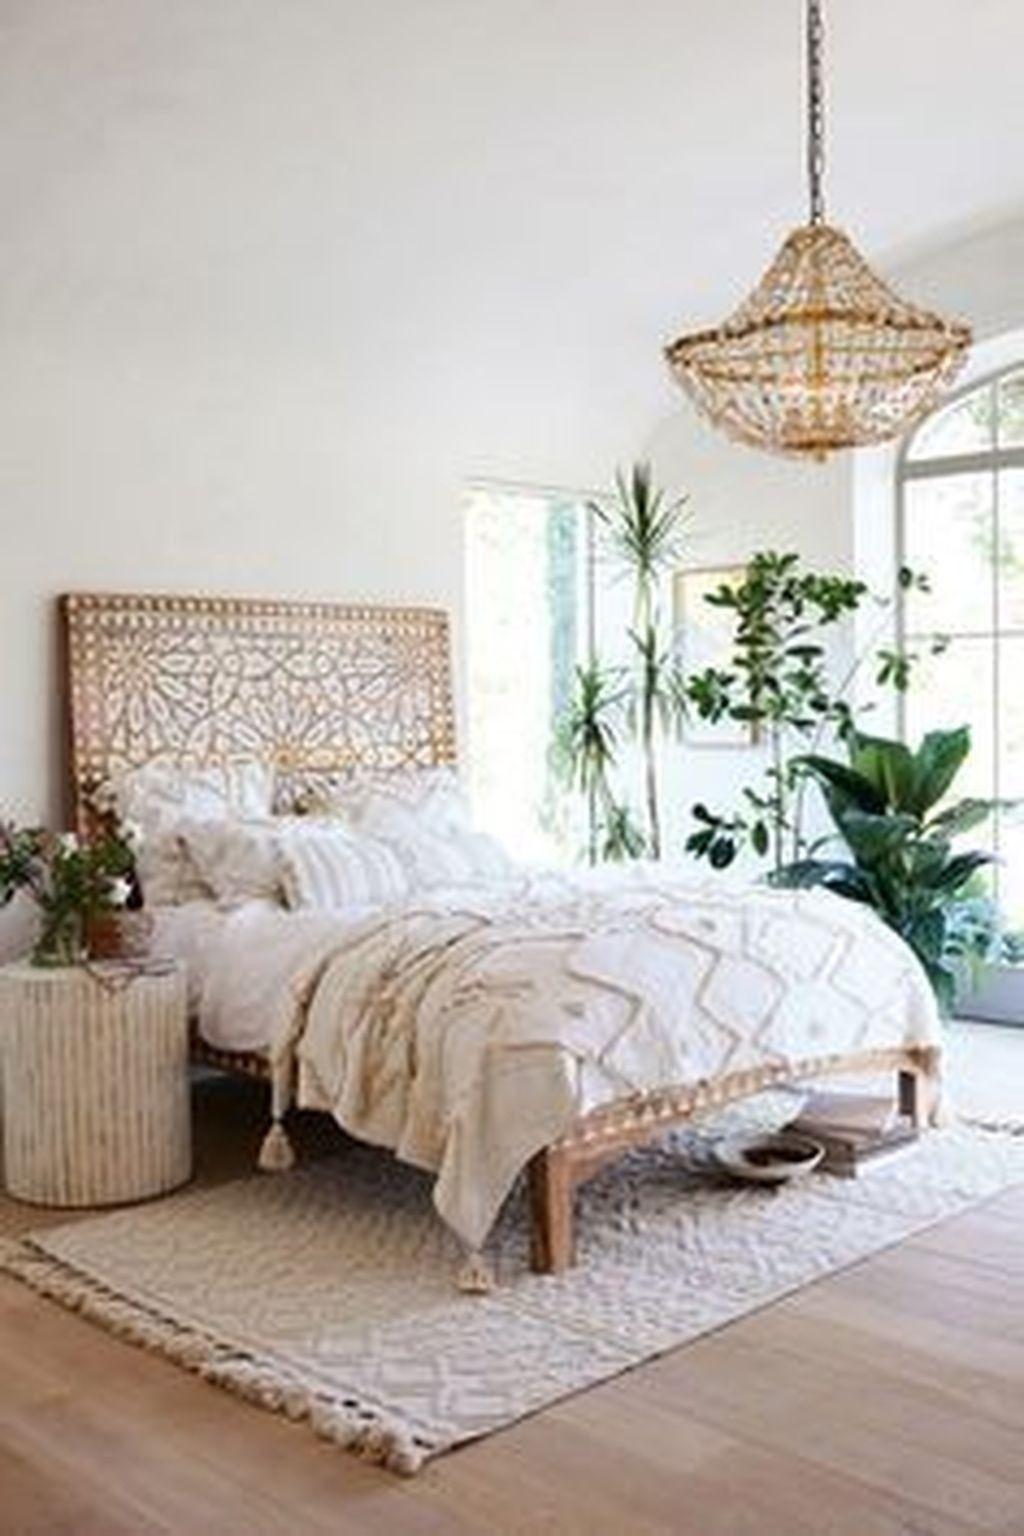 30 Popular Modern Bohemian Bedrooms Ideas Bohemian Bohemianbedroom Bohemianbedroomideas Home Decor Bedroom Bedroom Inspirations Bedroom Design